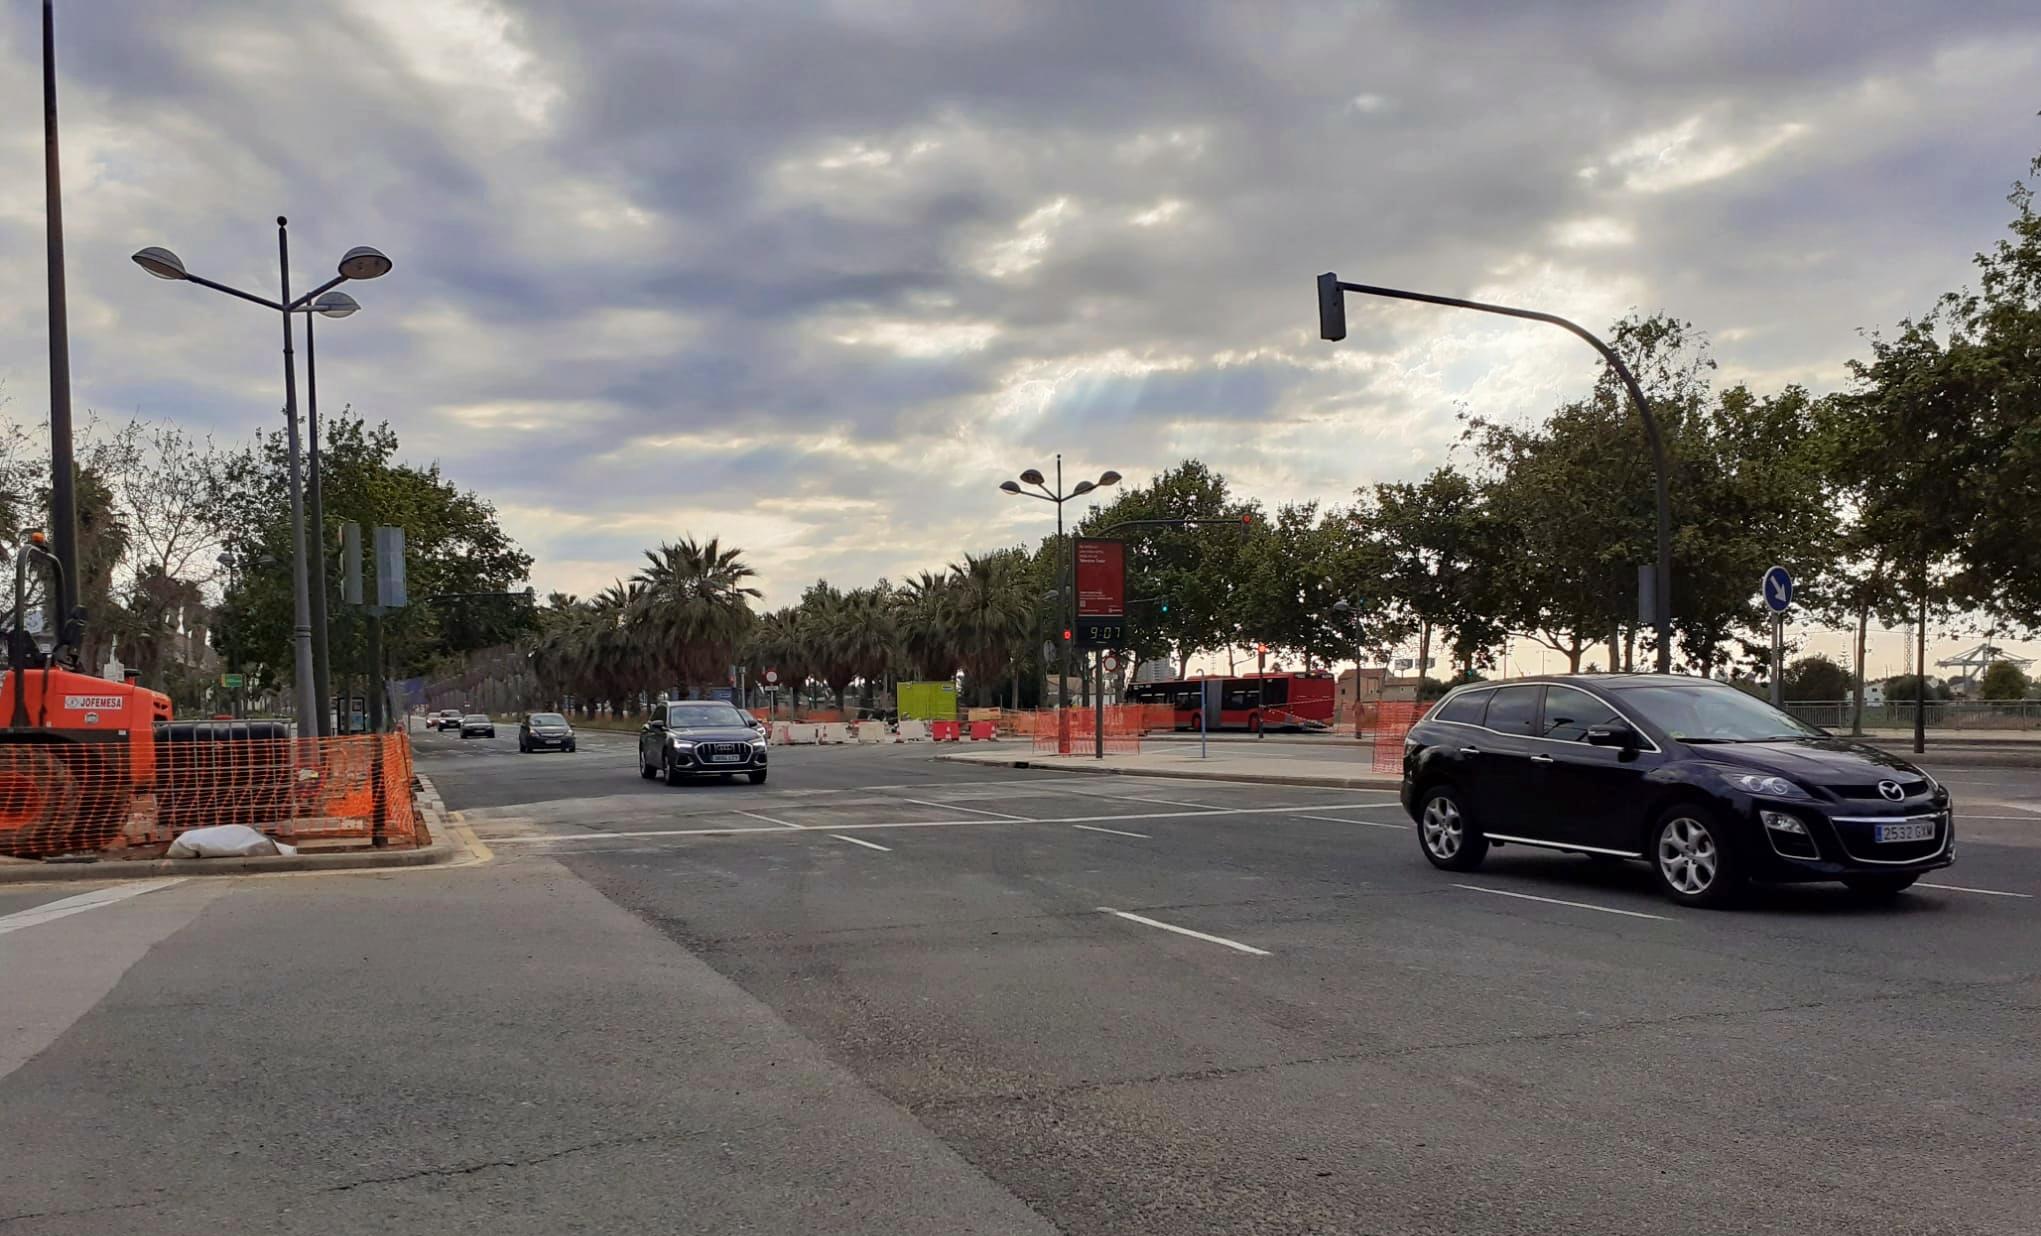 La Generalitat finaliza la instalación del carril de la Línea 10 de Metrovalencia en el cruce de la avenida Antonio Ferrandis con Amado Granell